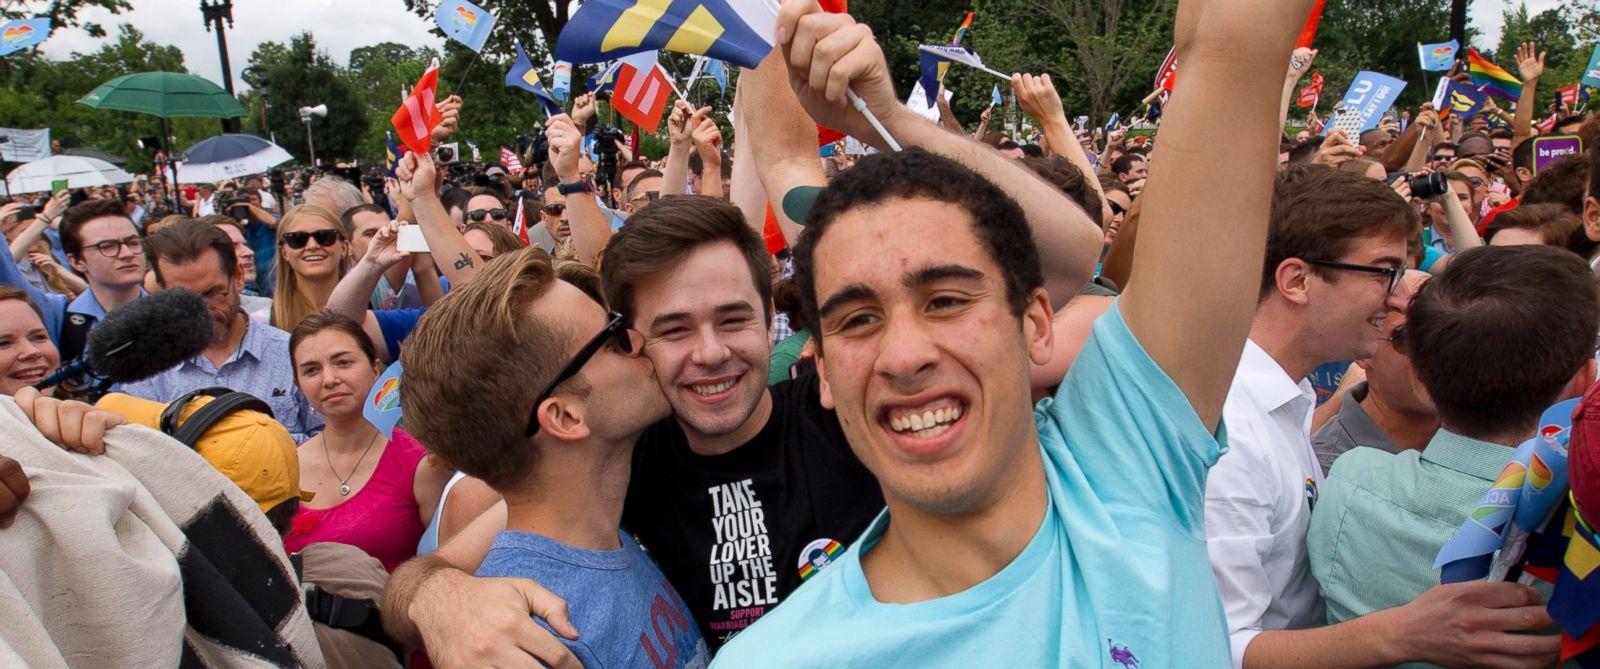 Американские геи теперь могут вступить в брак в любом штате США.